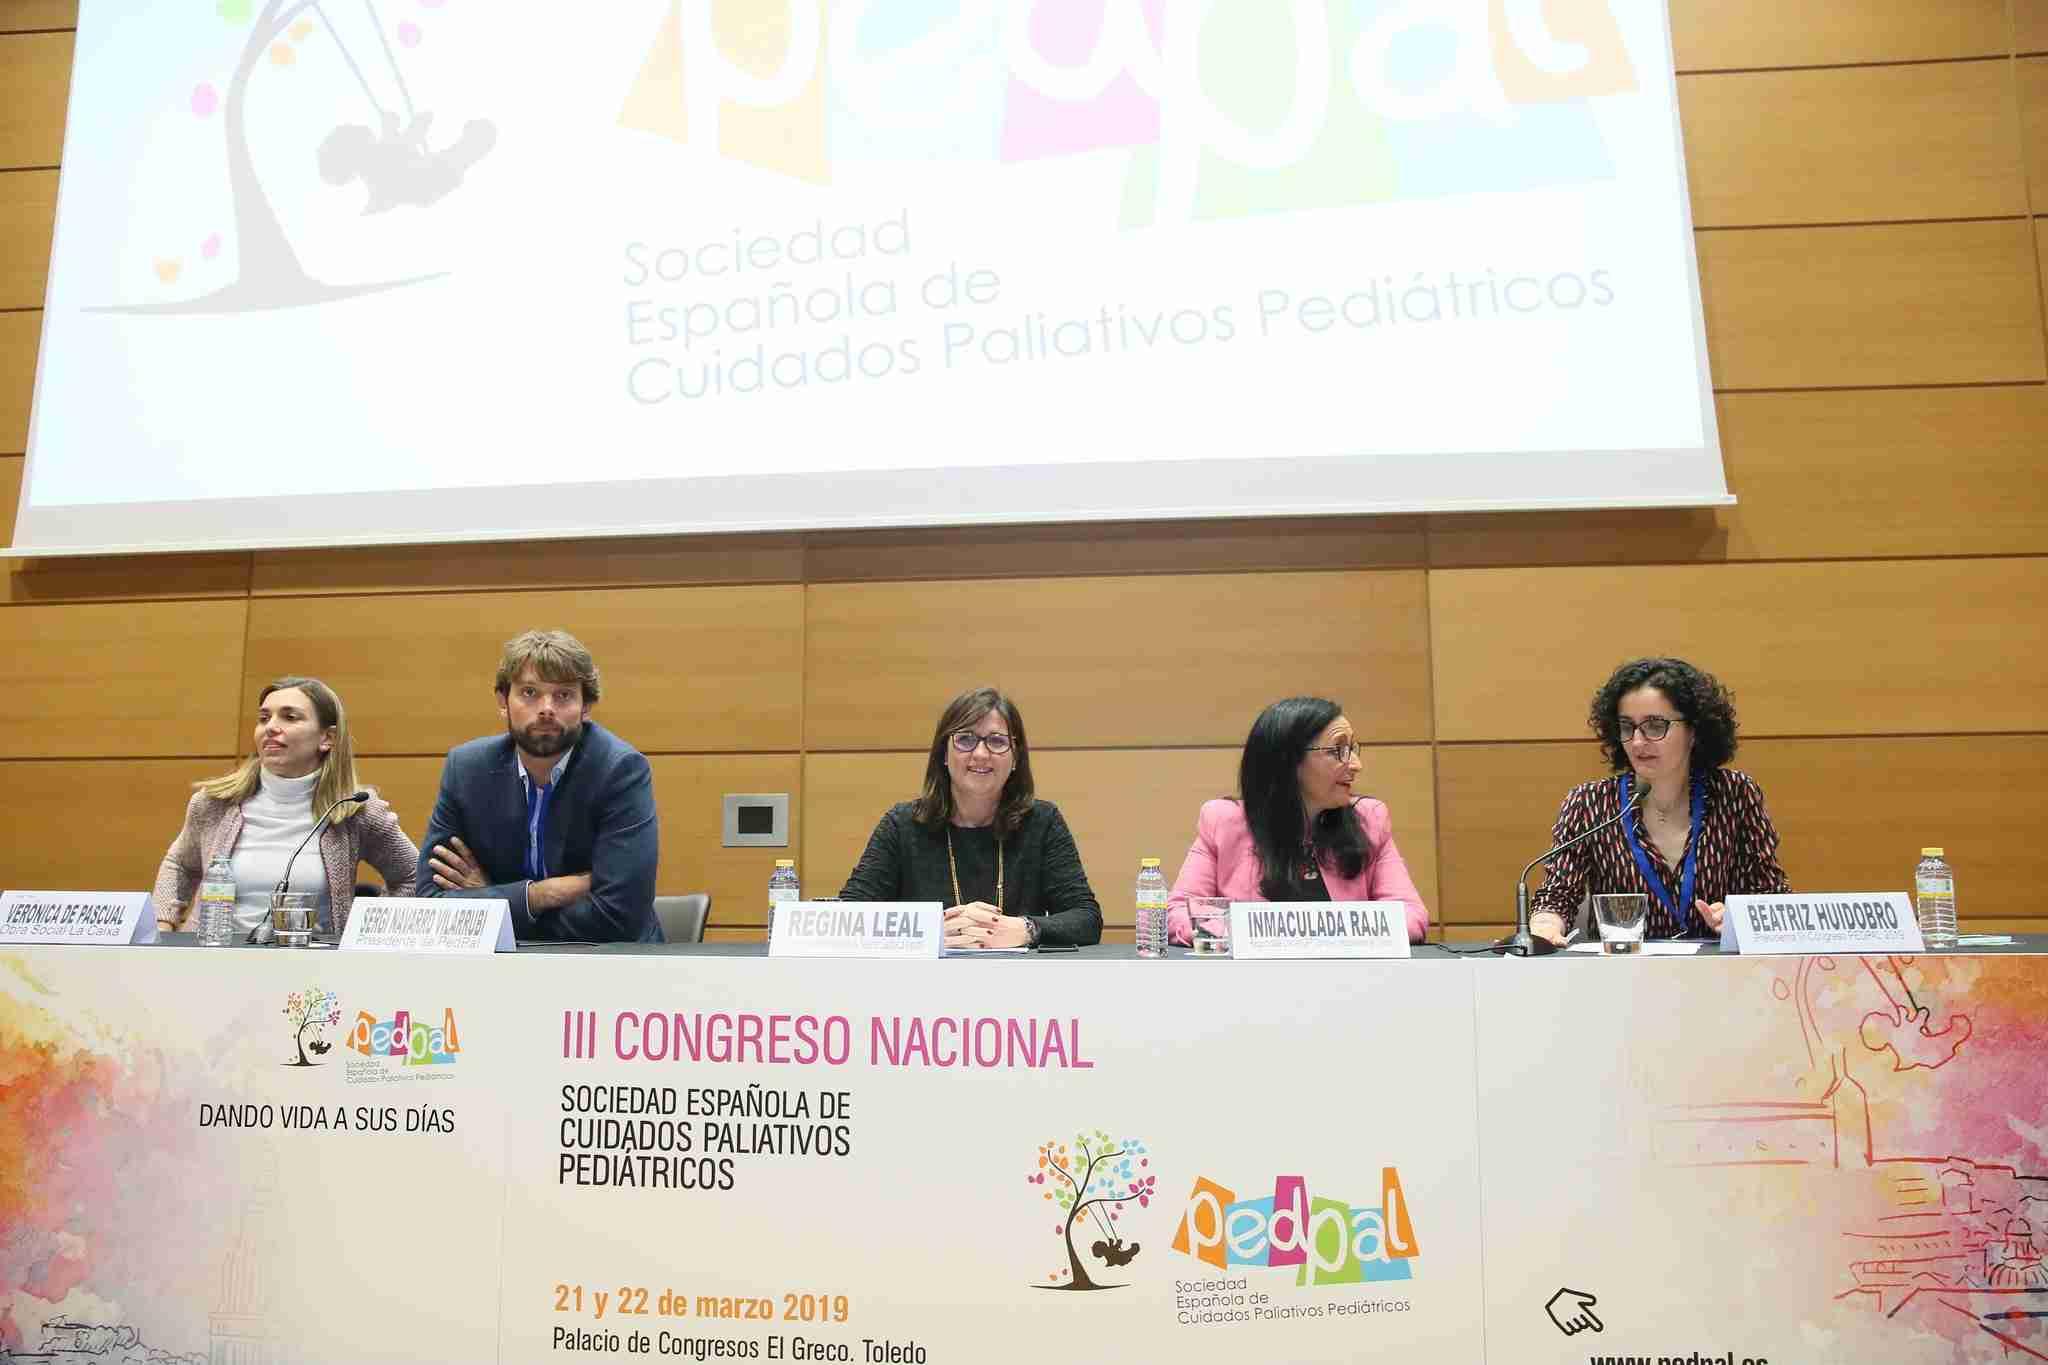 La Red de Expertos presenta al SESCAM una propuesta organizativa sobre Cuidados Paliativos Pediátricos 3